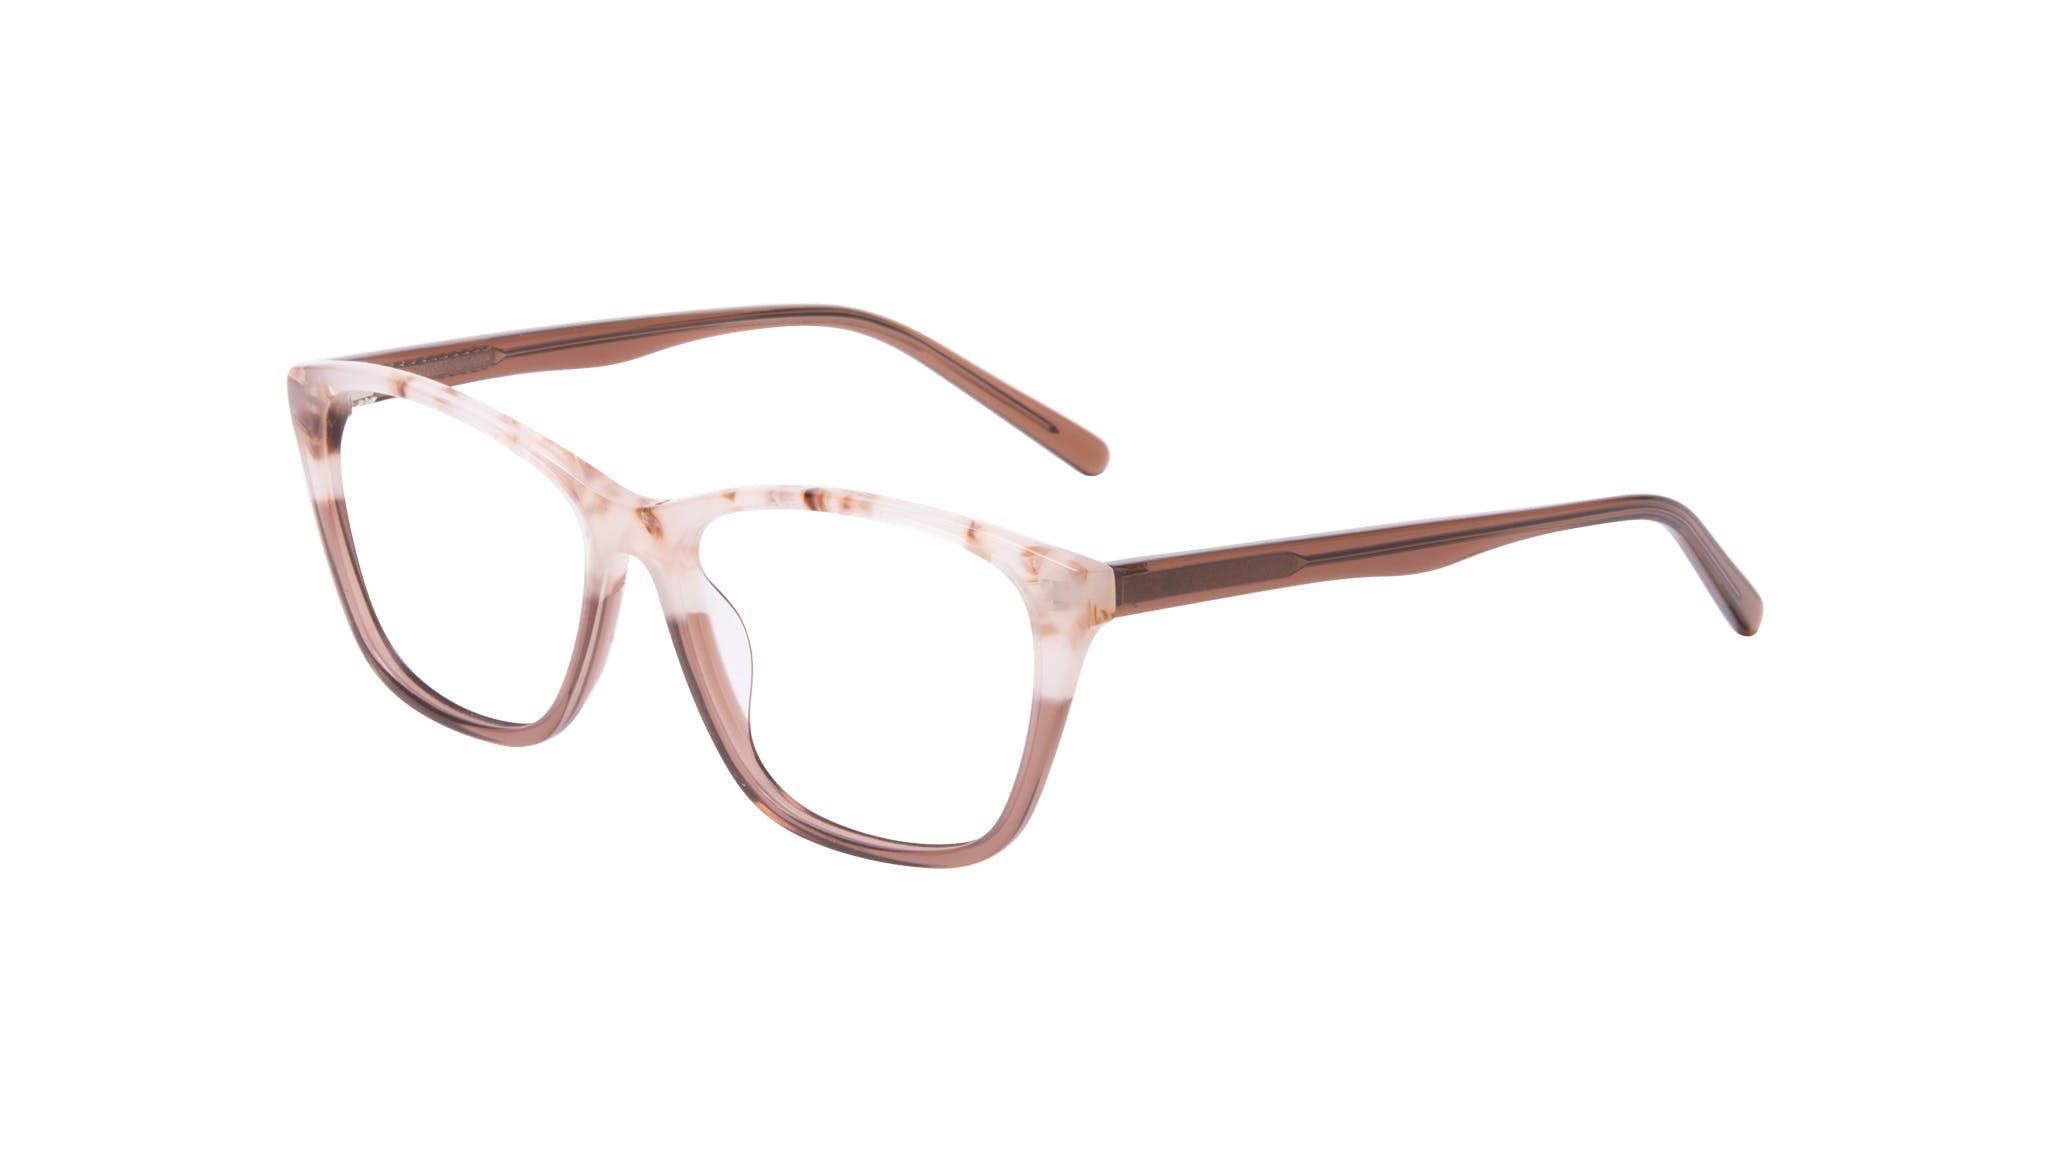 Affordable Fashion Glasses Cat Eye Rectangle Eyeglasses Women Myrtle Frosted Sand Tilt